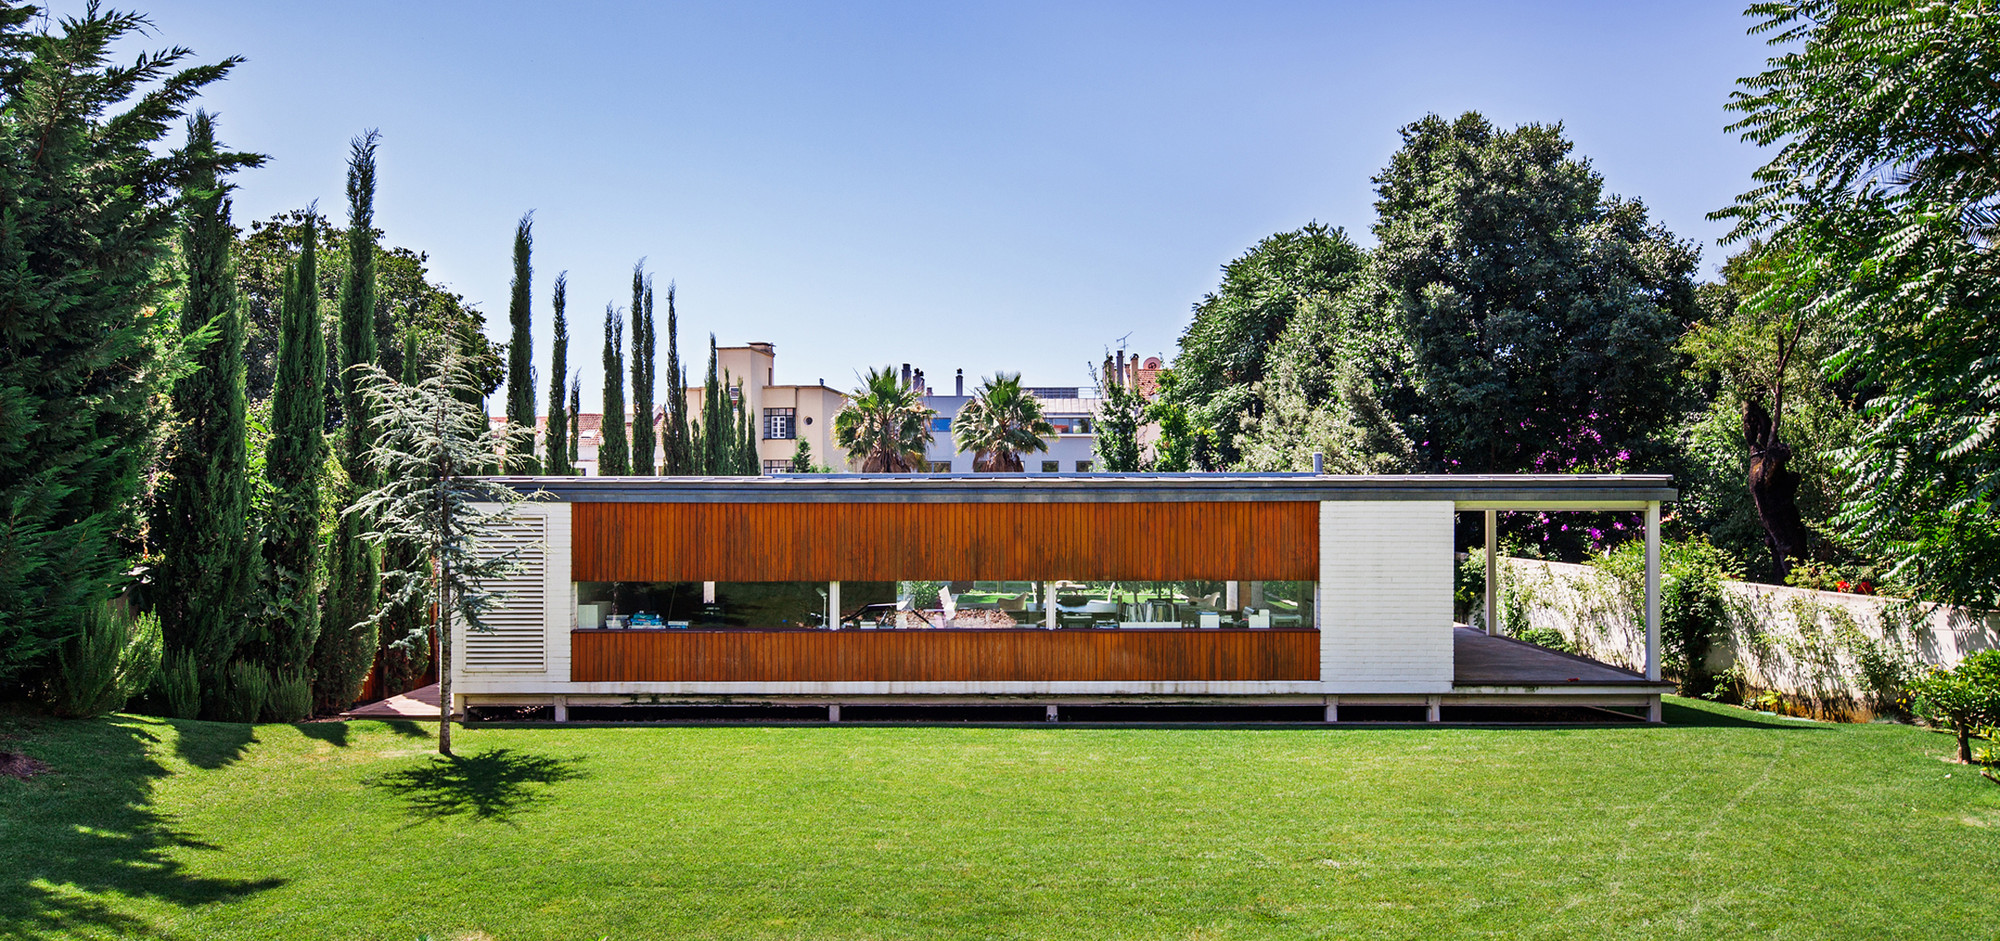 Galeria de pavilh o de jardim alexandre marques pereira - Arquitectura pereira ...